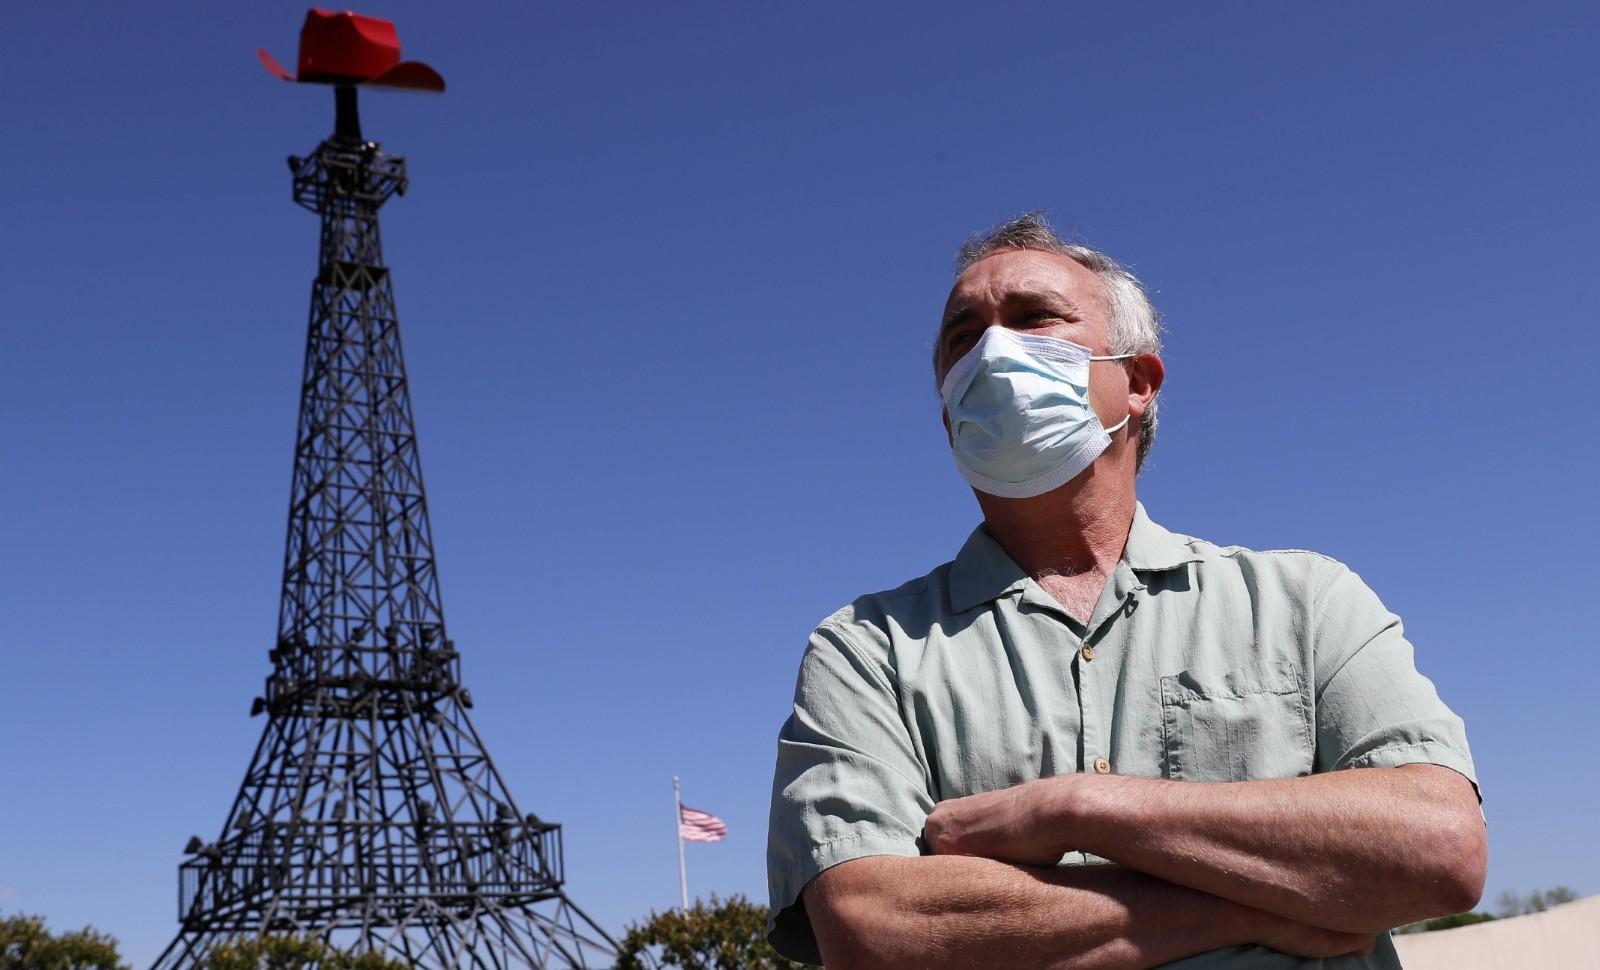 Le maire de Paris (Texas) Steve Clifford pose devant la petite Tour Eiffel de la ville, mercredi 29 avril 2020. © AP Photo/Tony Gutierrez